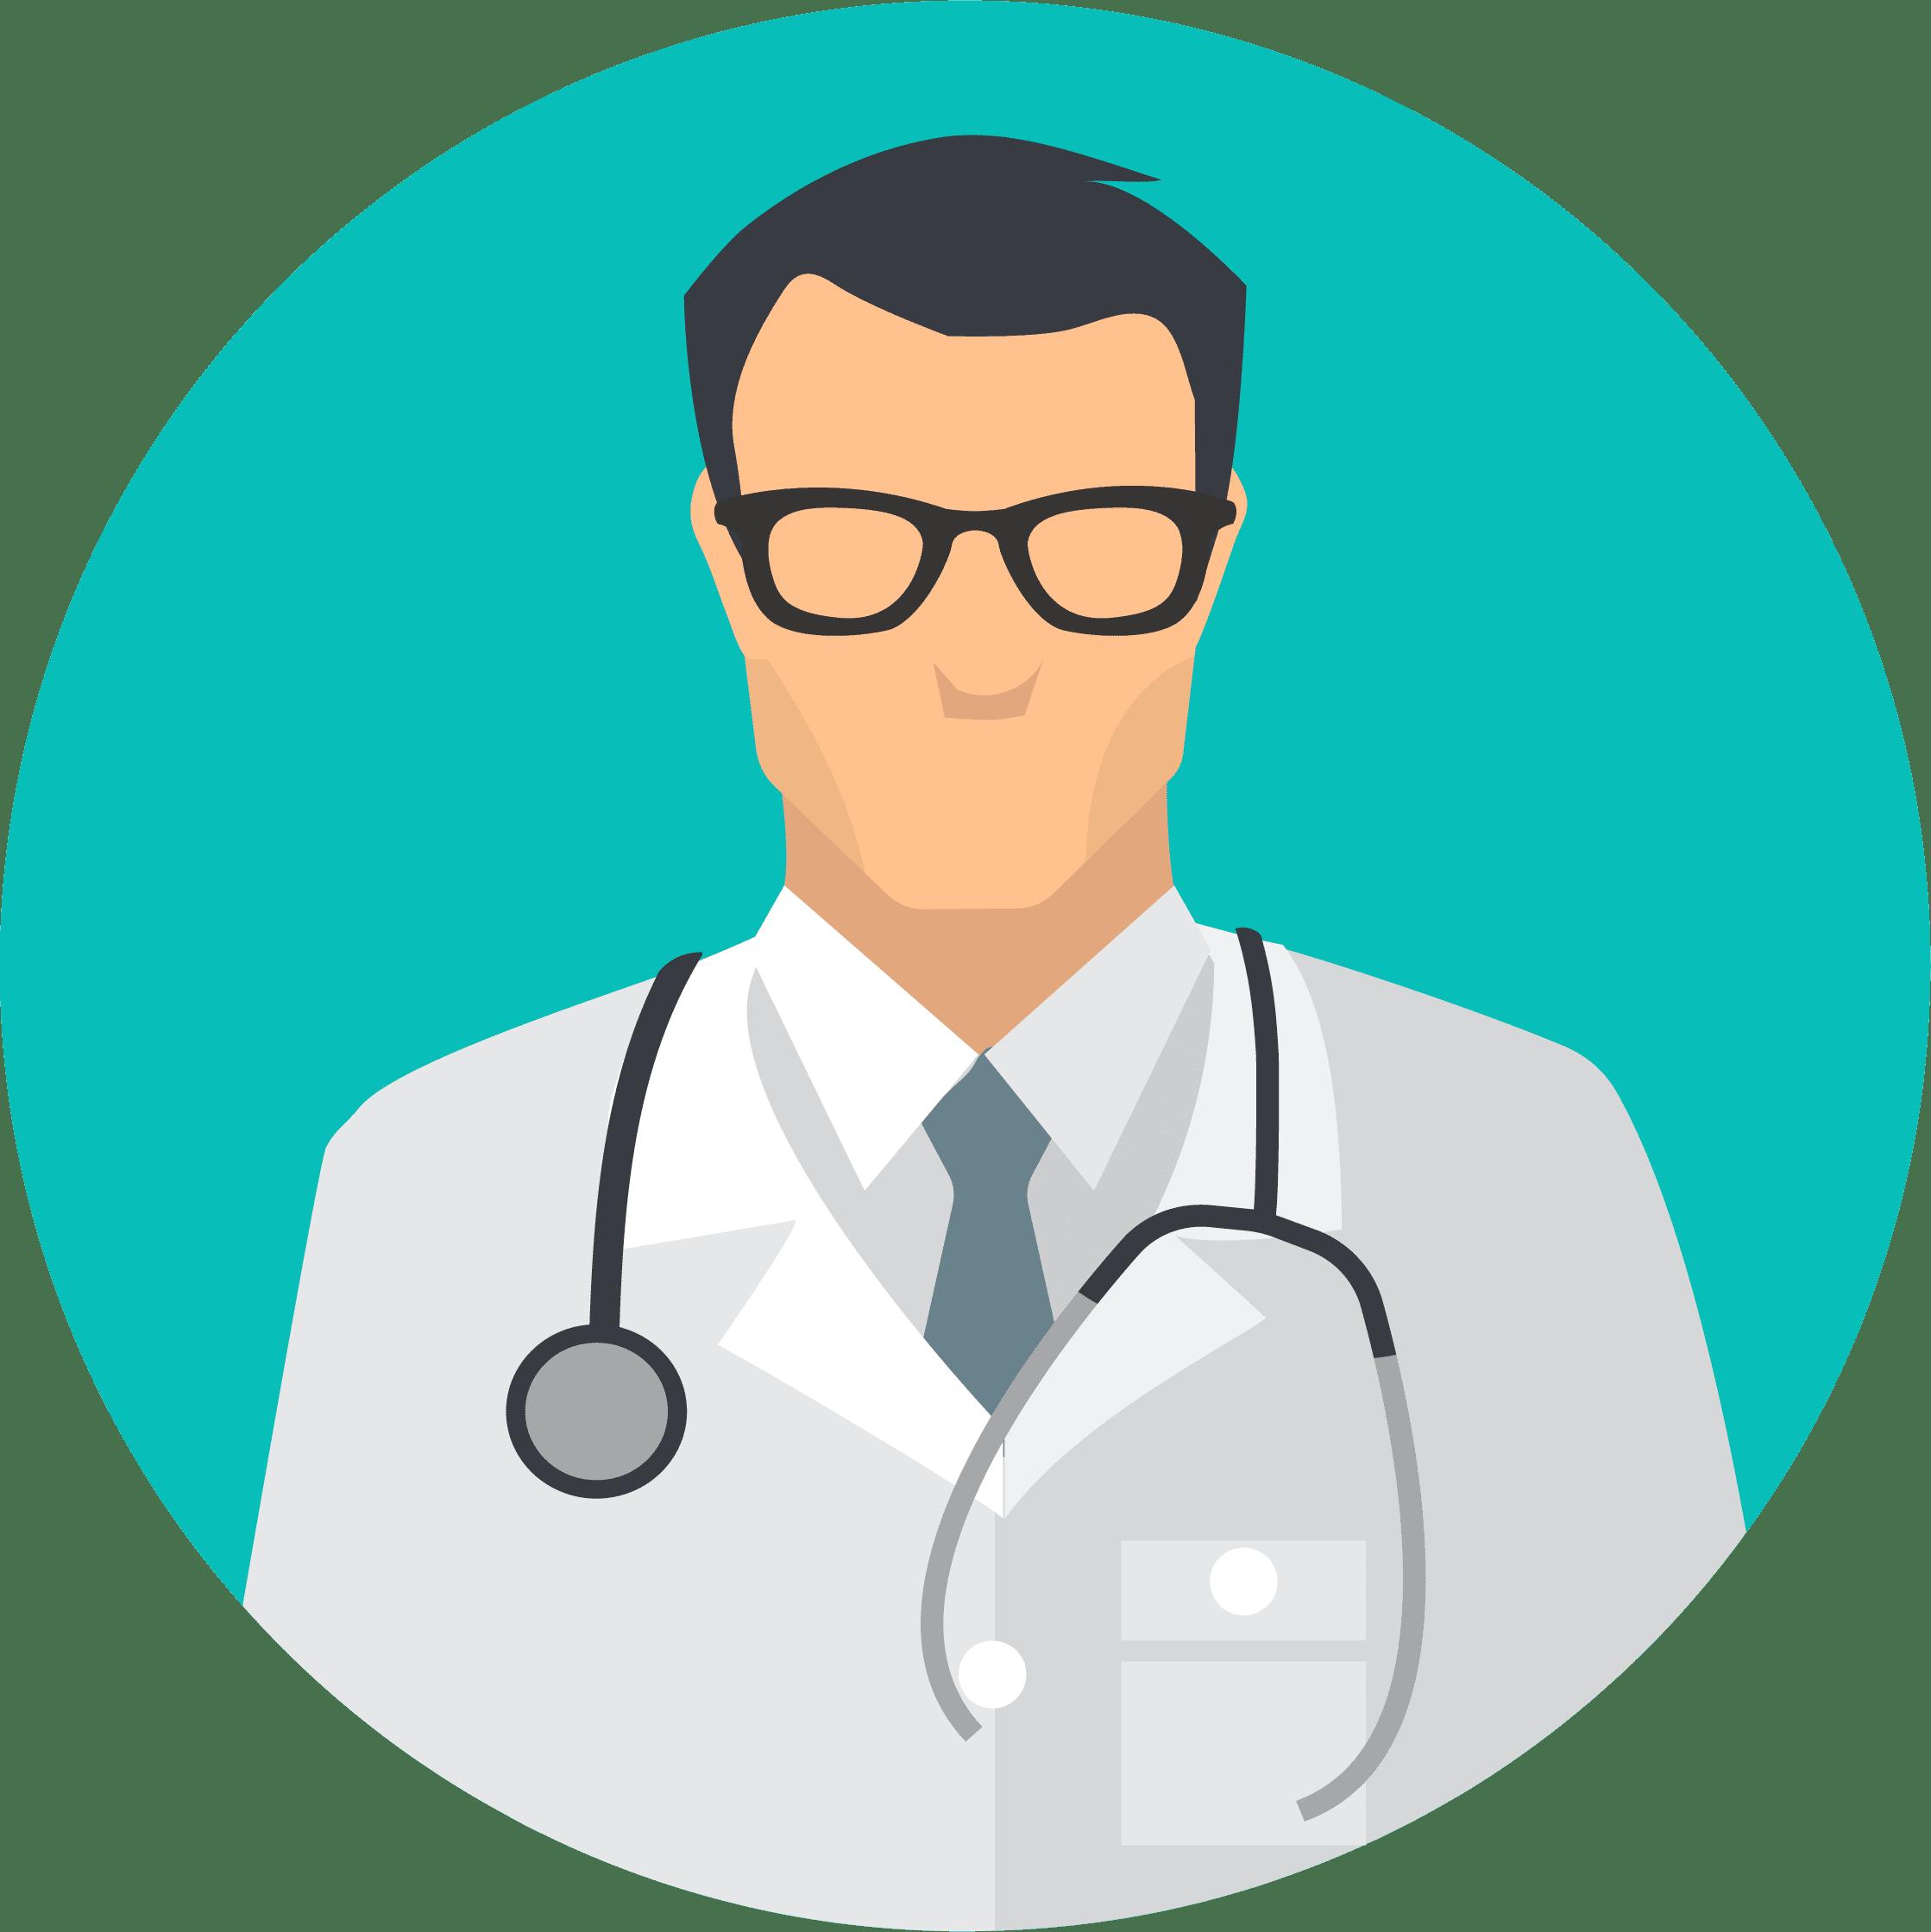 Santé : Hôpitaux, Ehpad, cabinets médicaux, centres de soins …